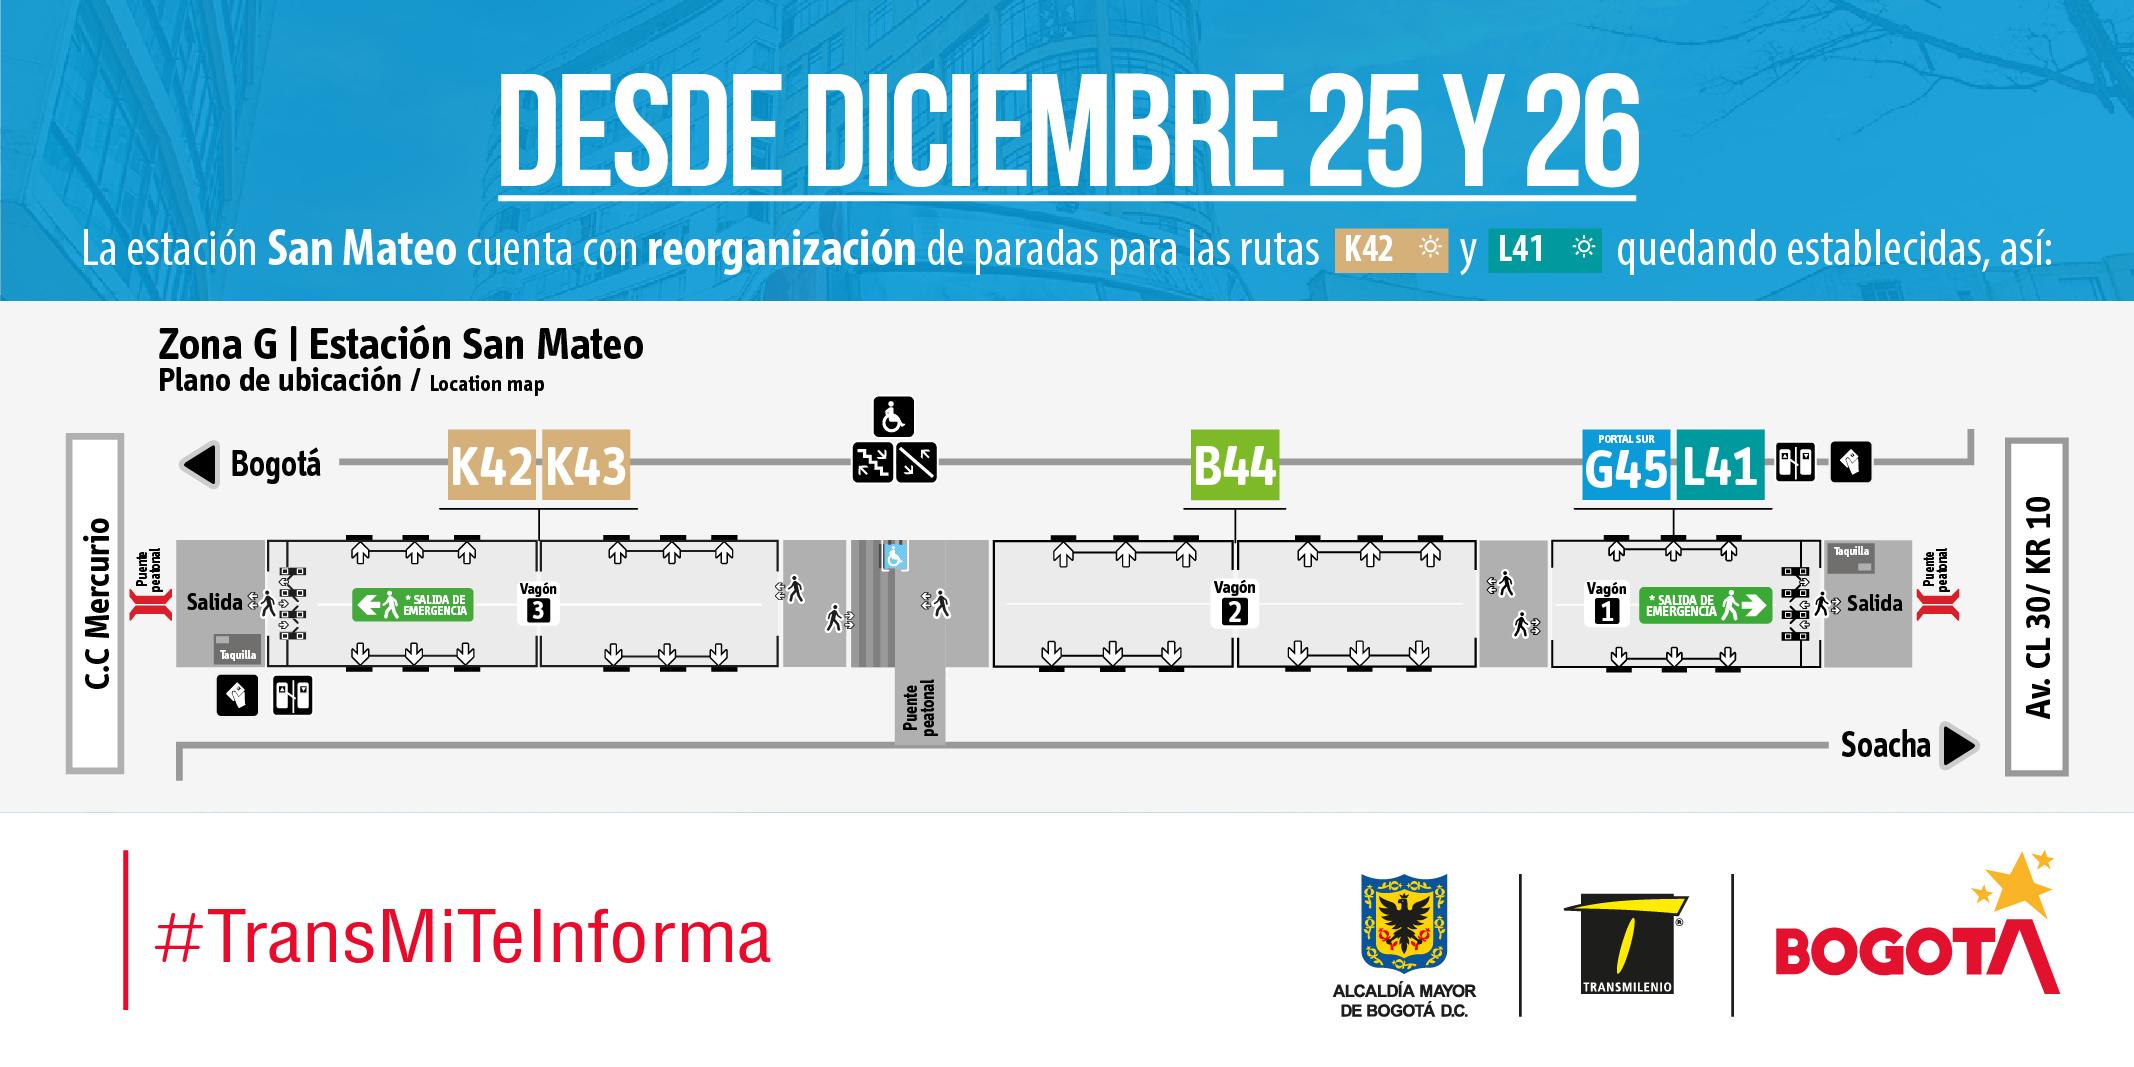 Mapa estaciones rutas TransMilenio estación San Mateo